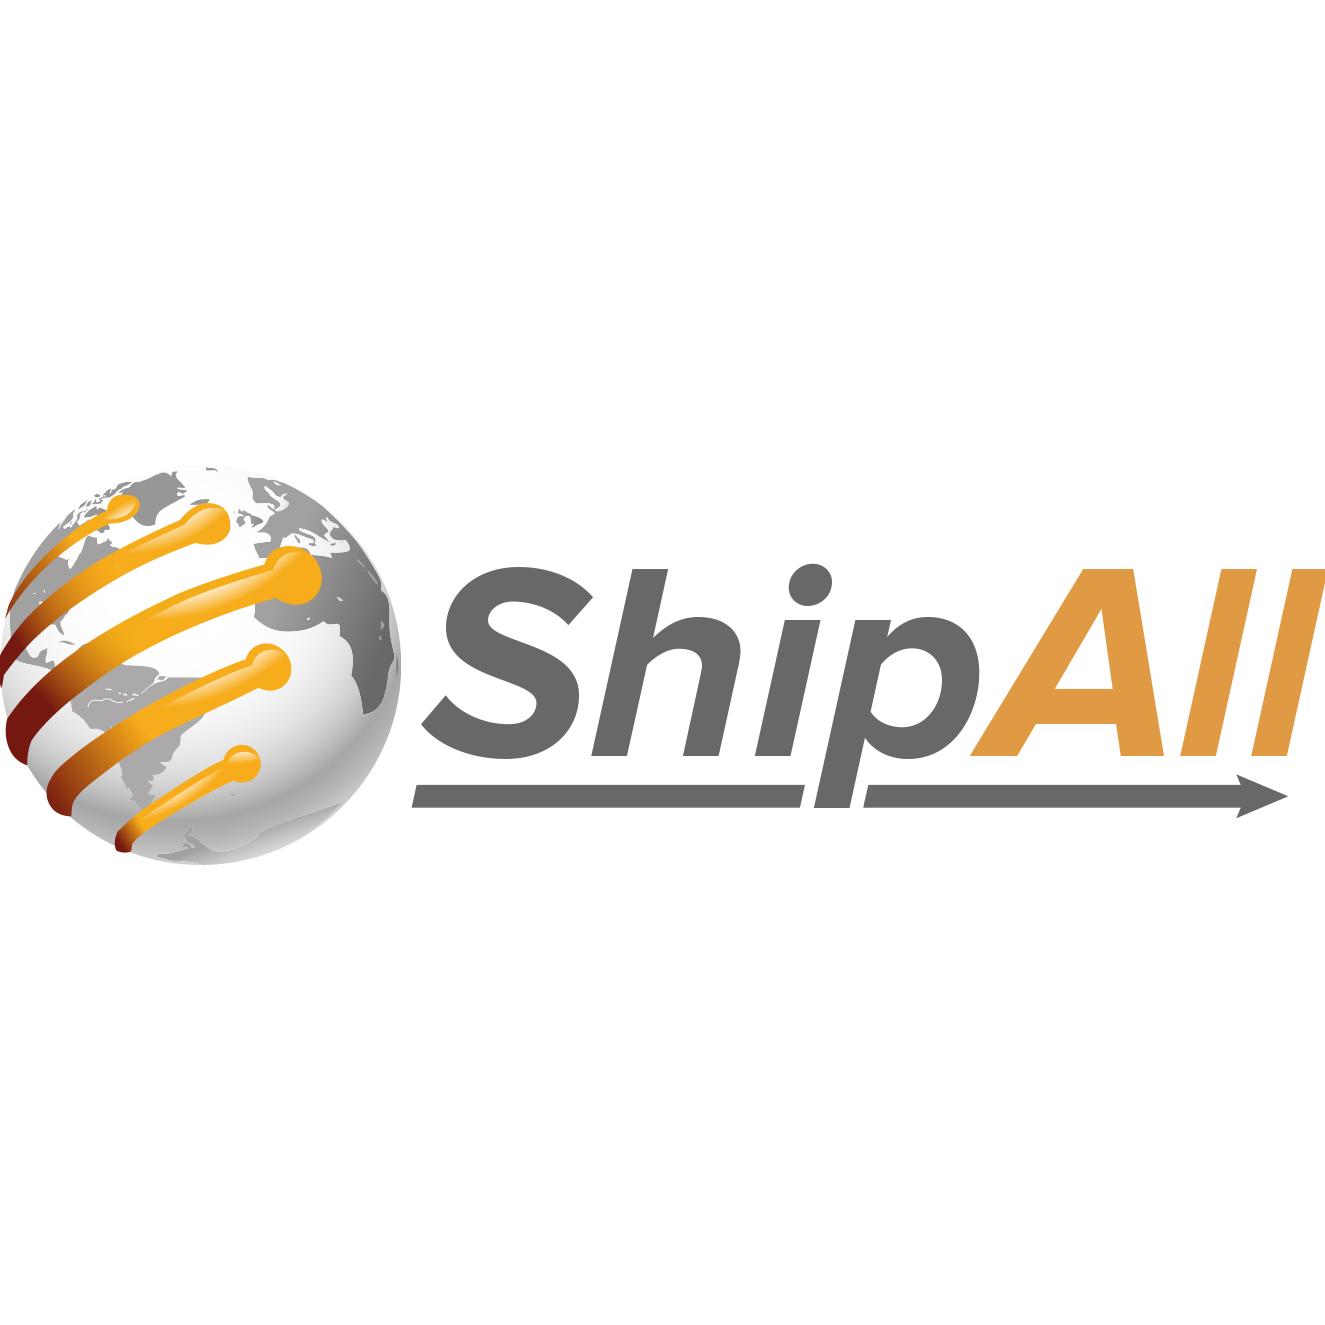 ShipAll - Orlando, FL 32809 - (407)264-0000 | ShowMeLocal.com